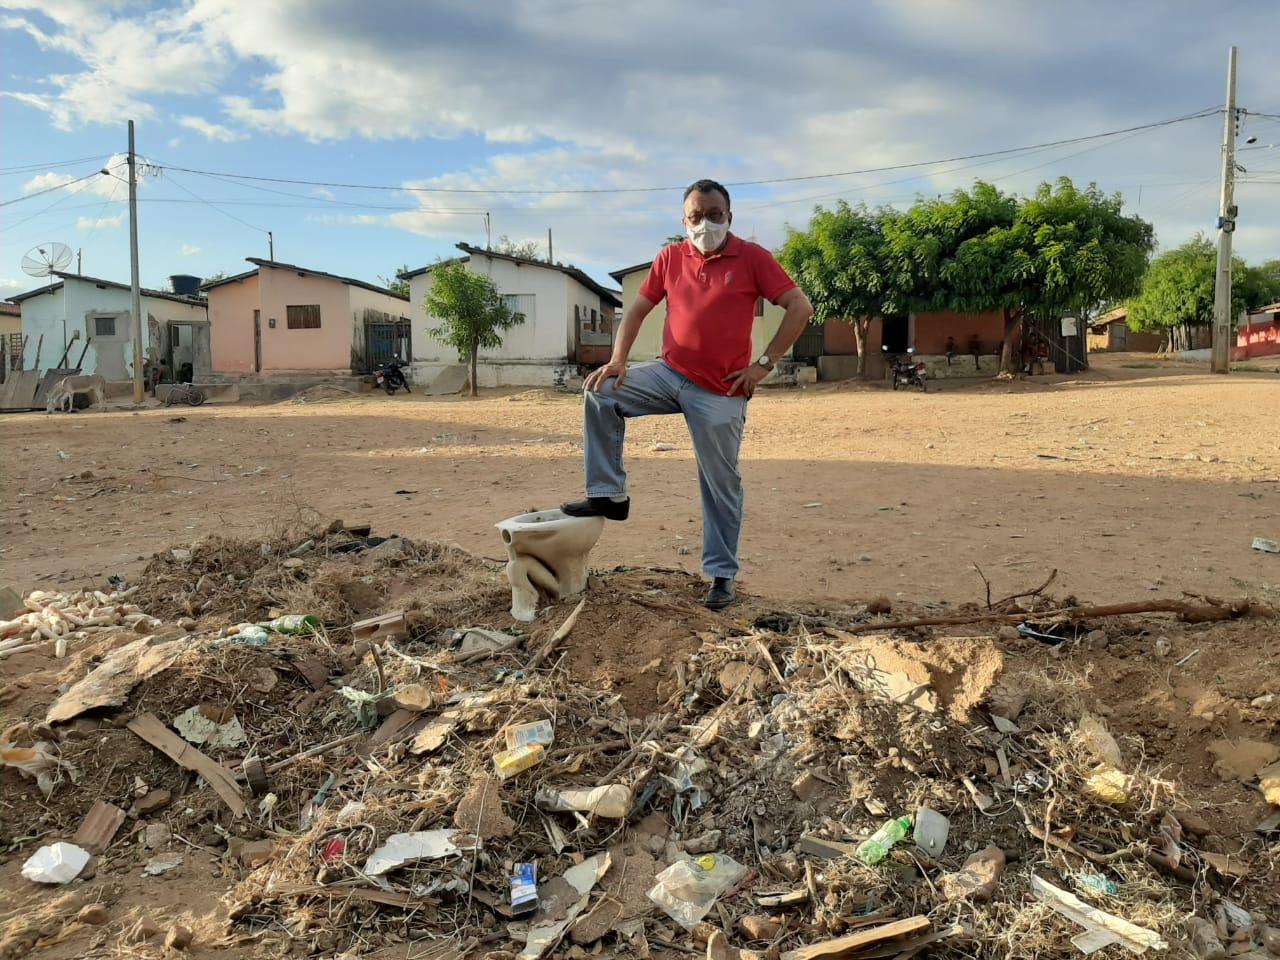 Vereador Zé Gonçalves afirma que Bairros estão abandonados em Patos